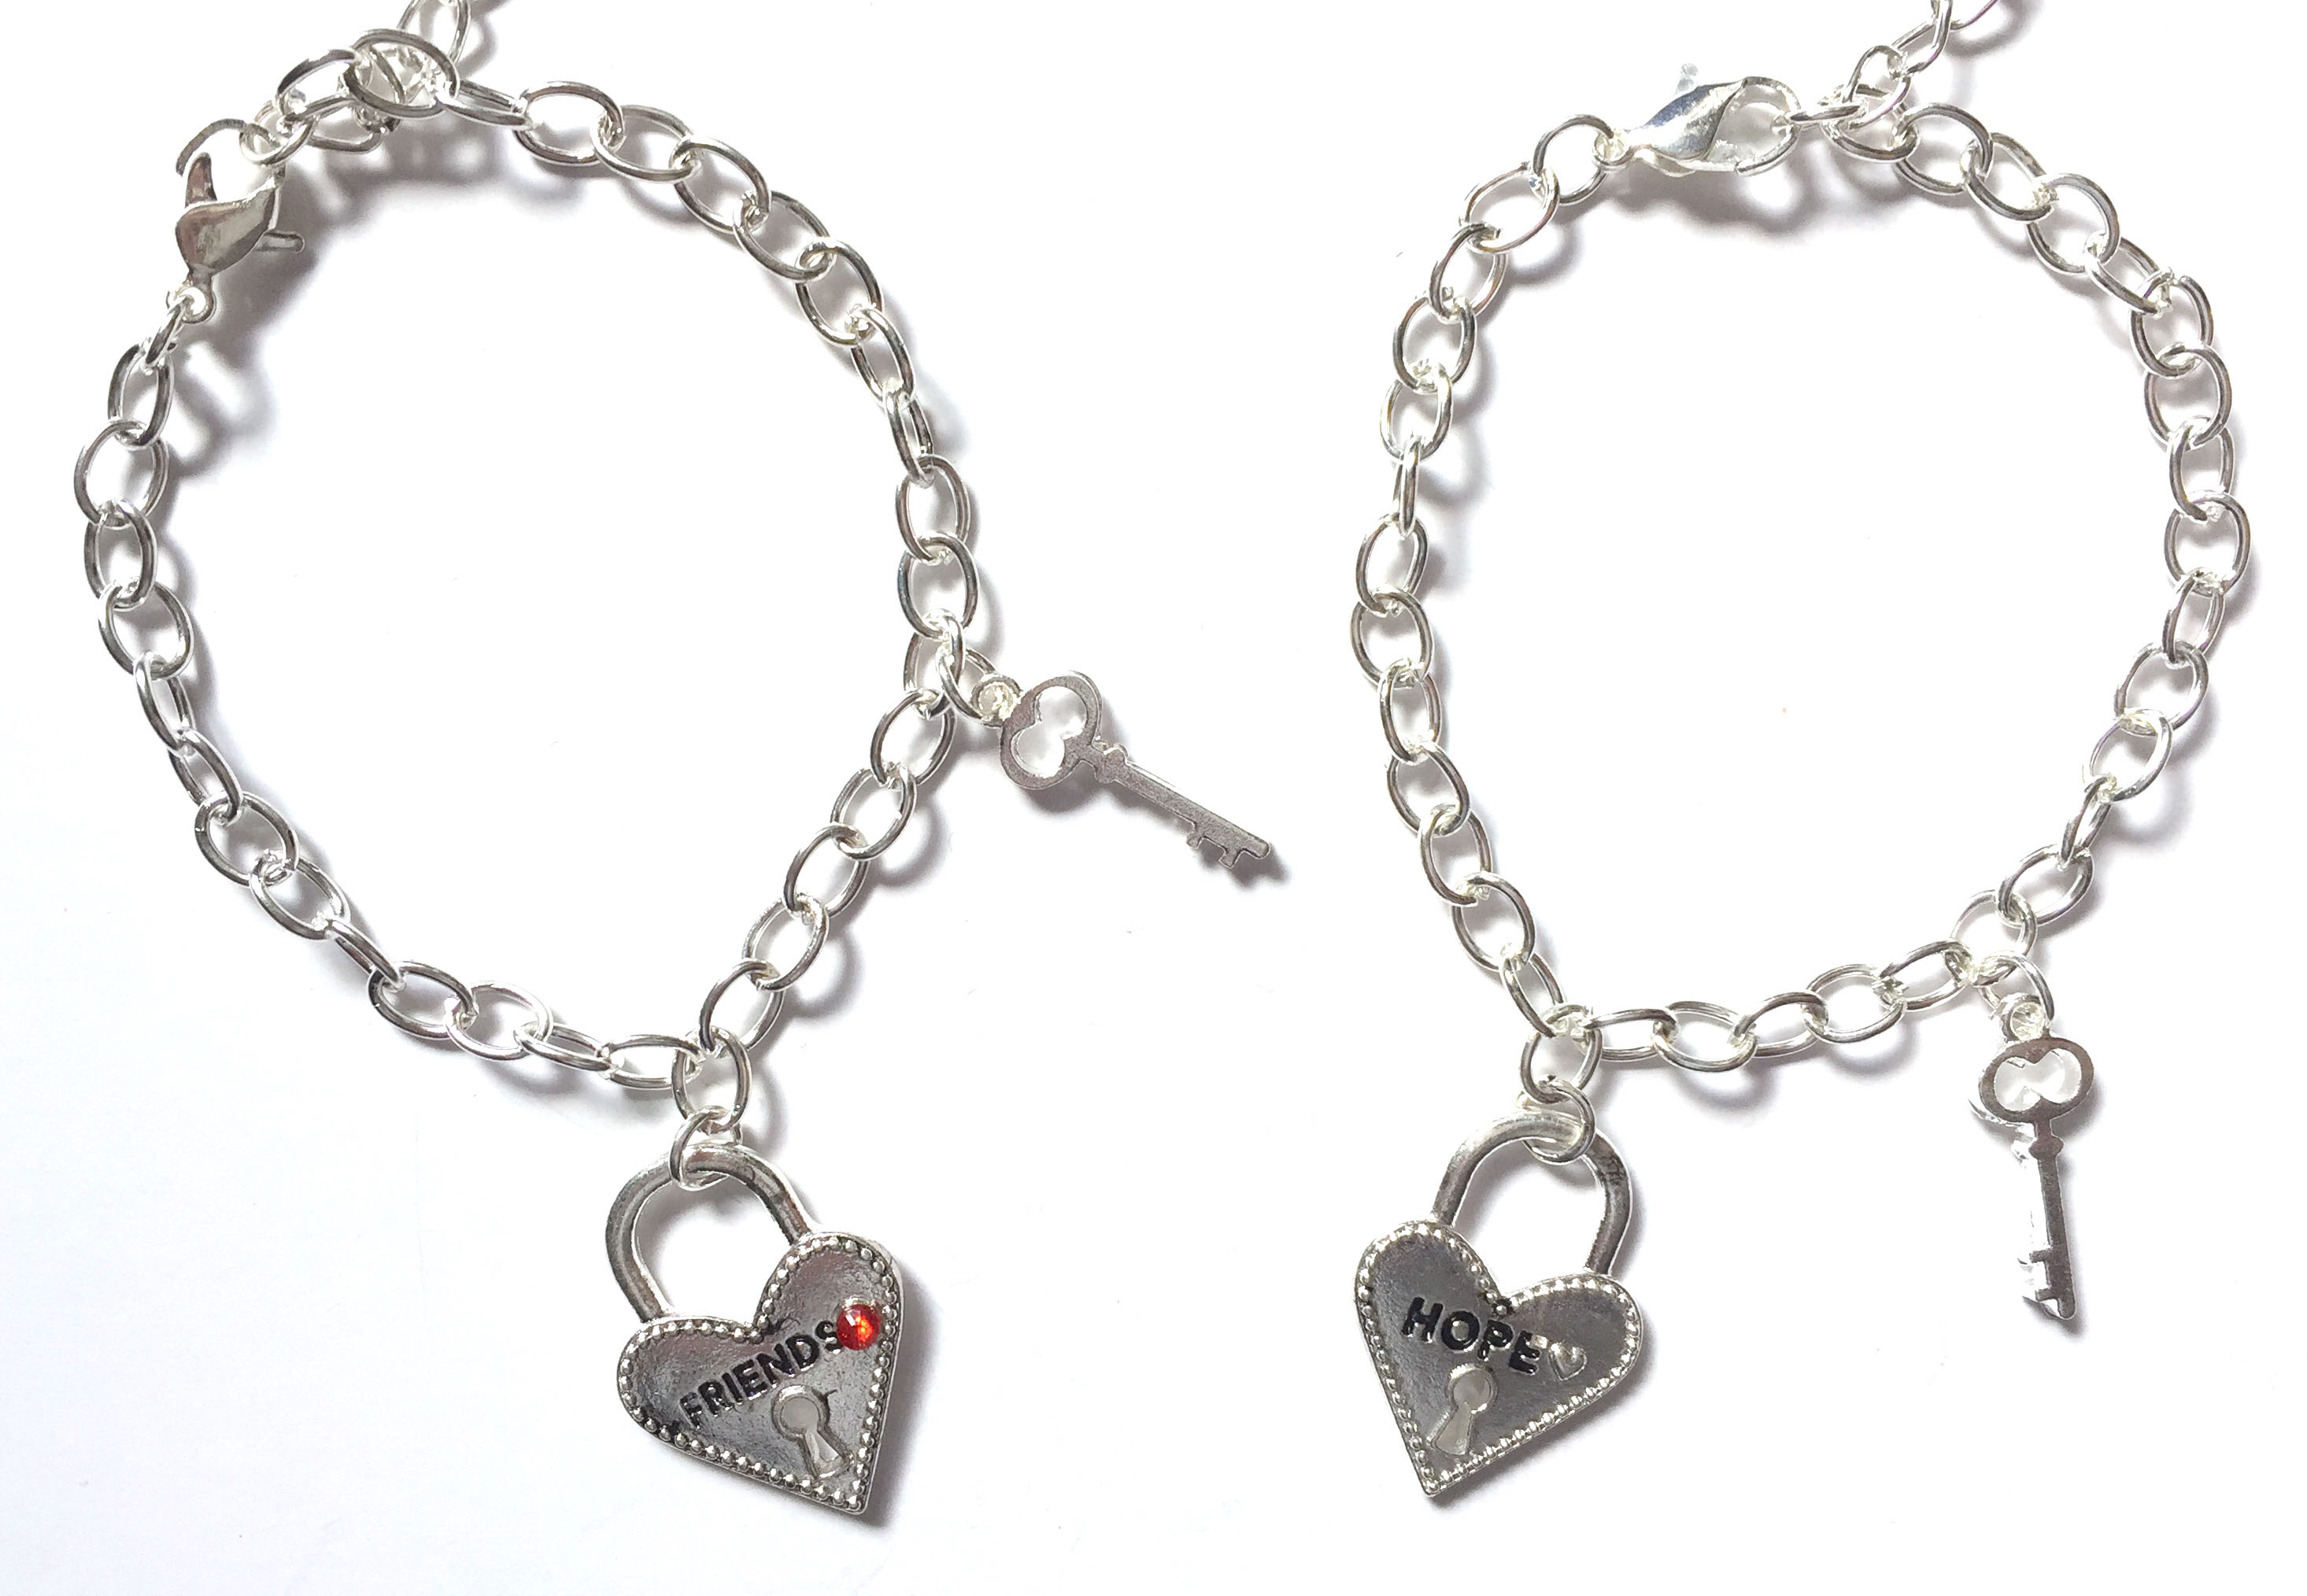 Heart + Lock Bracelets